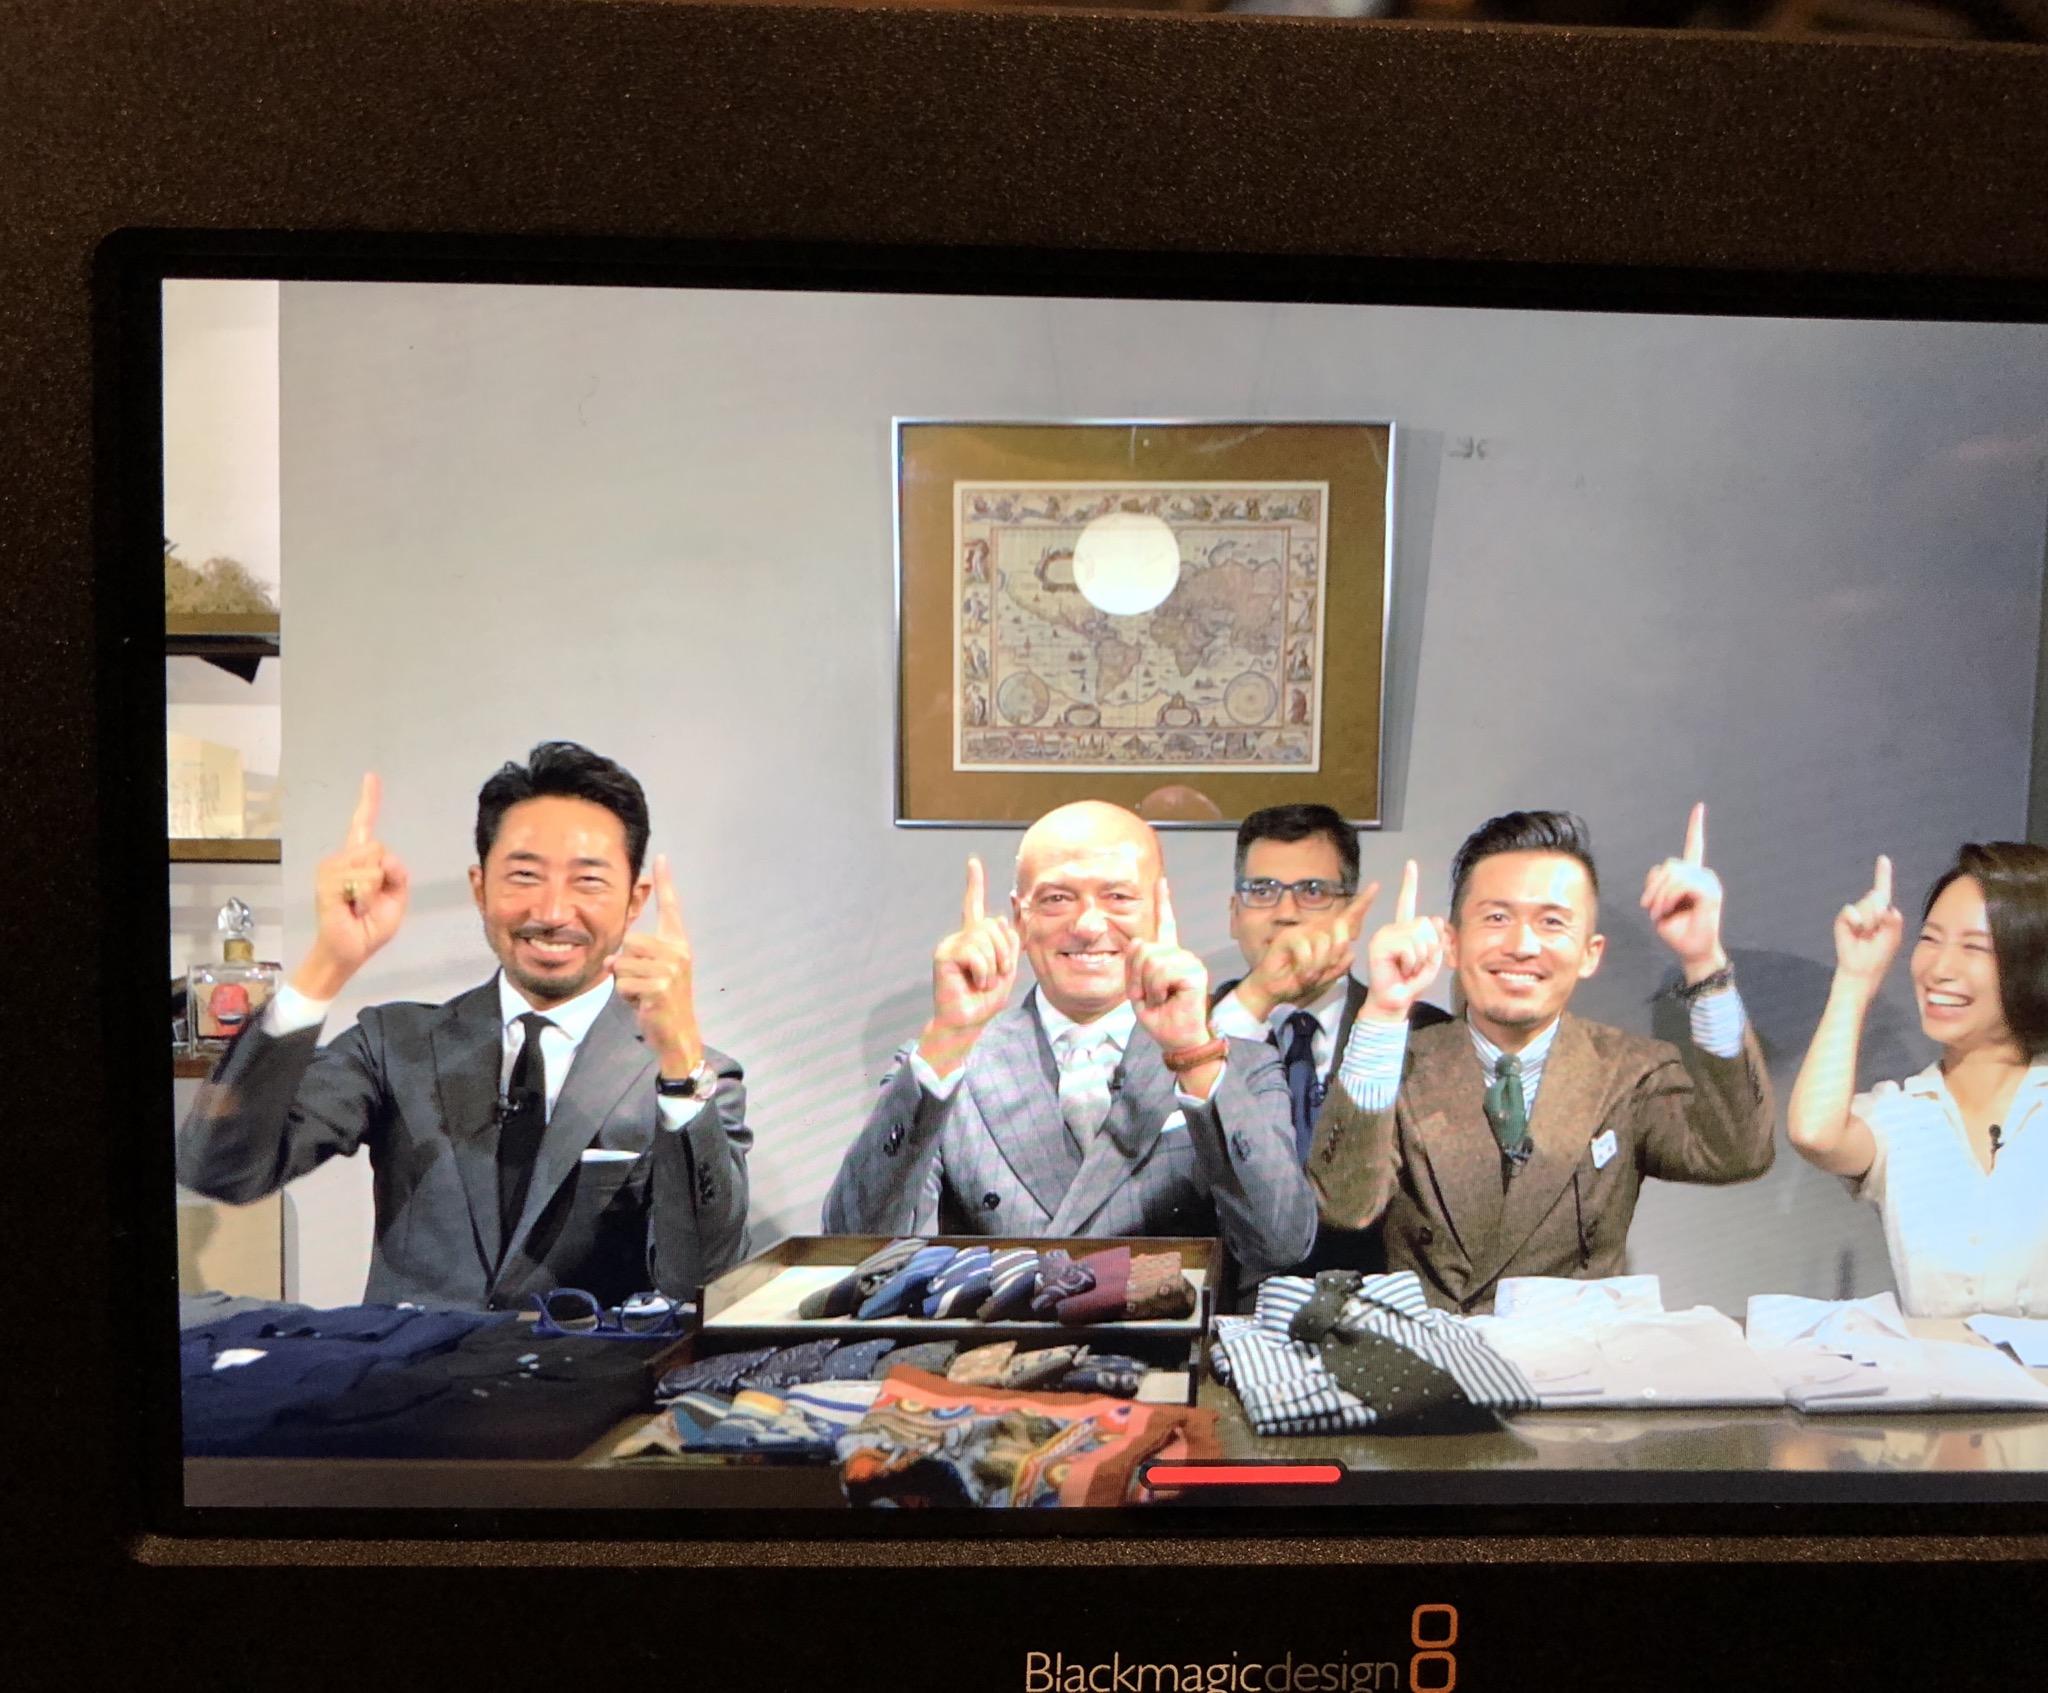 伊勢丹新宿メンズ館公開収録でした!